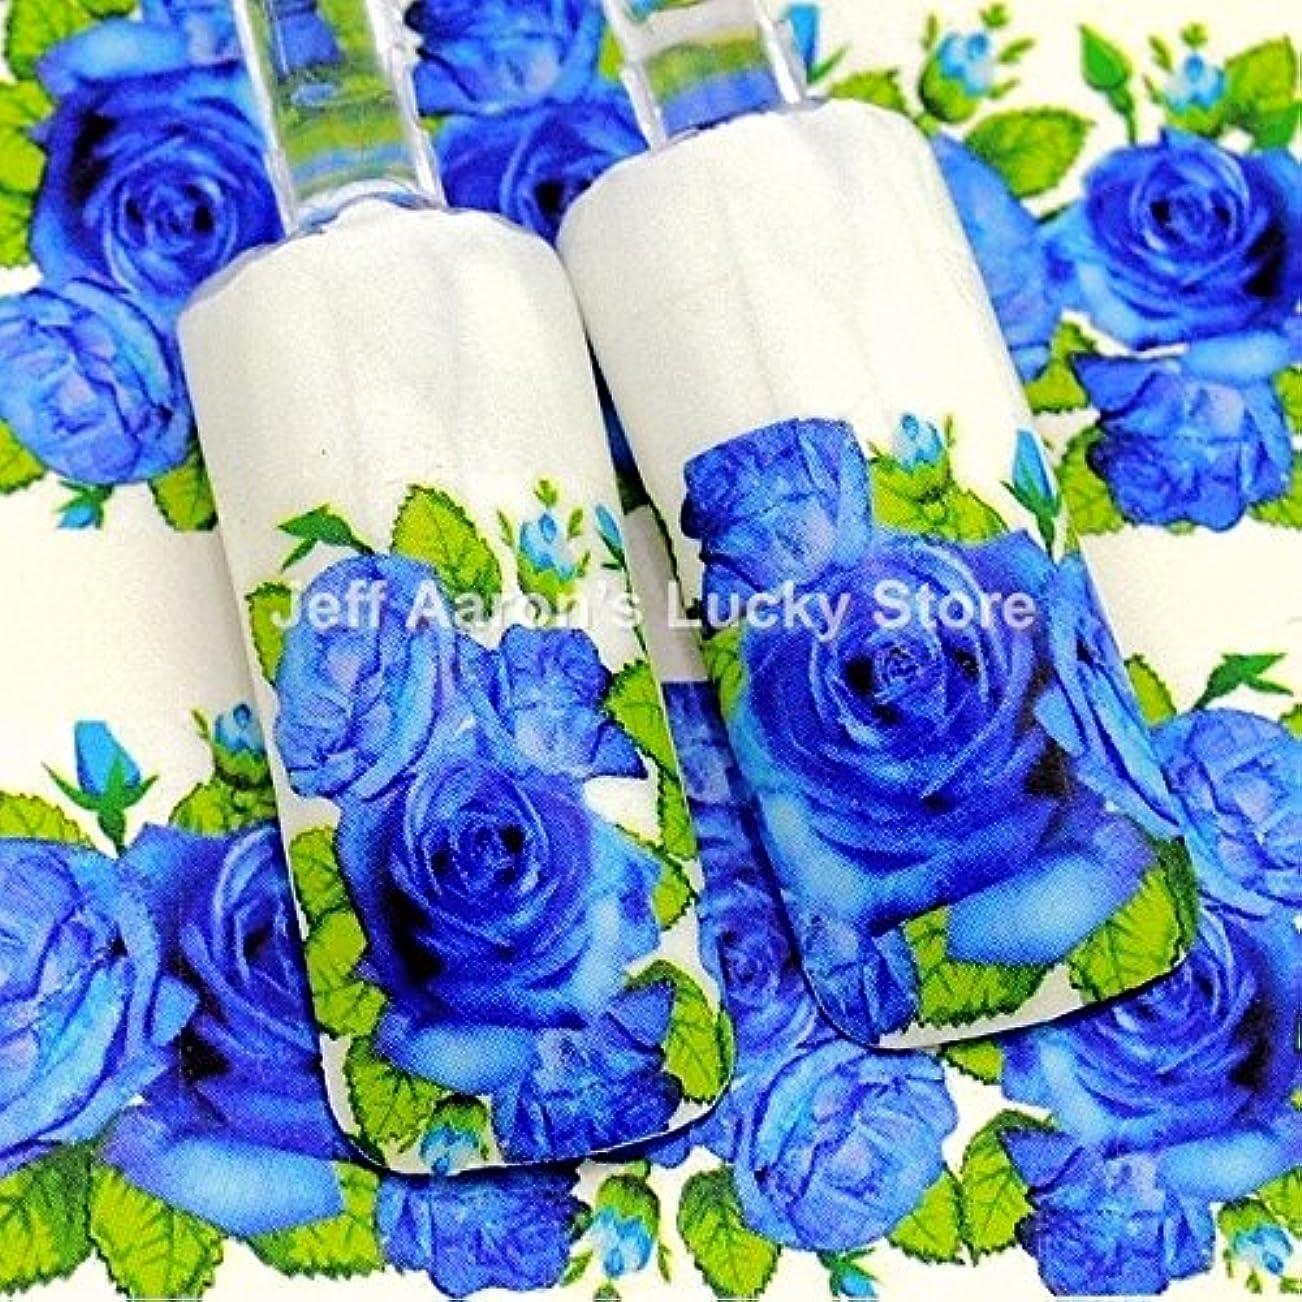 財産ガイド北東Ithern(TM)5PCS / lotの美容水の転送ネイルステッカーネイルアート装飾用品工具青デカール花のレースのデザインをバラ